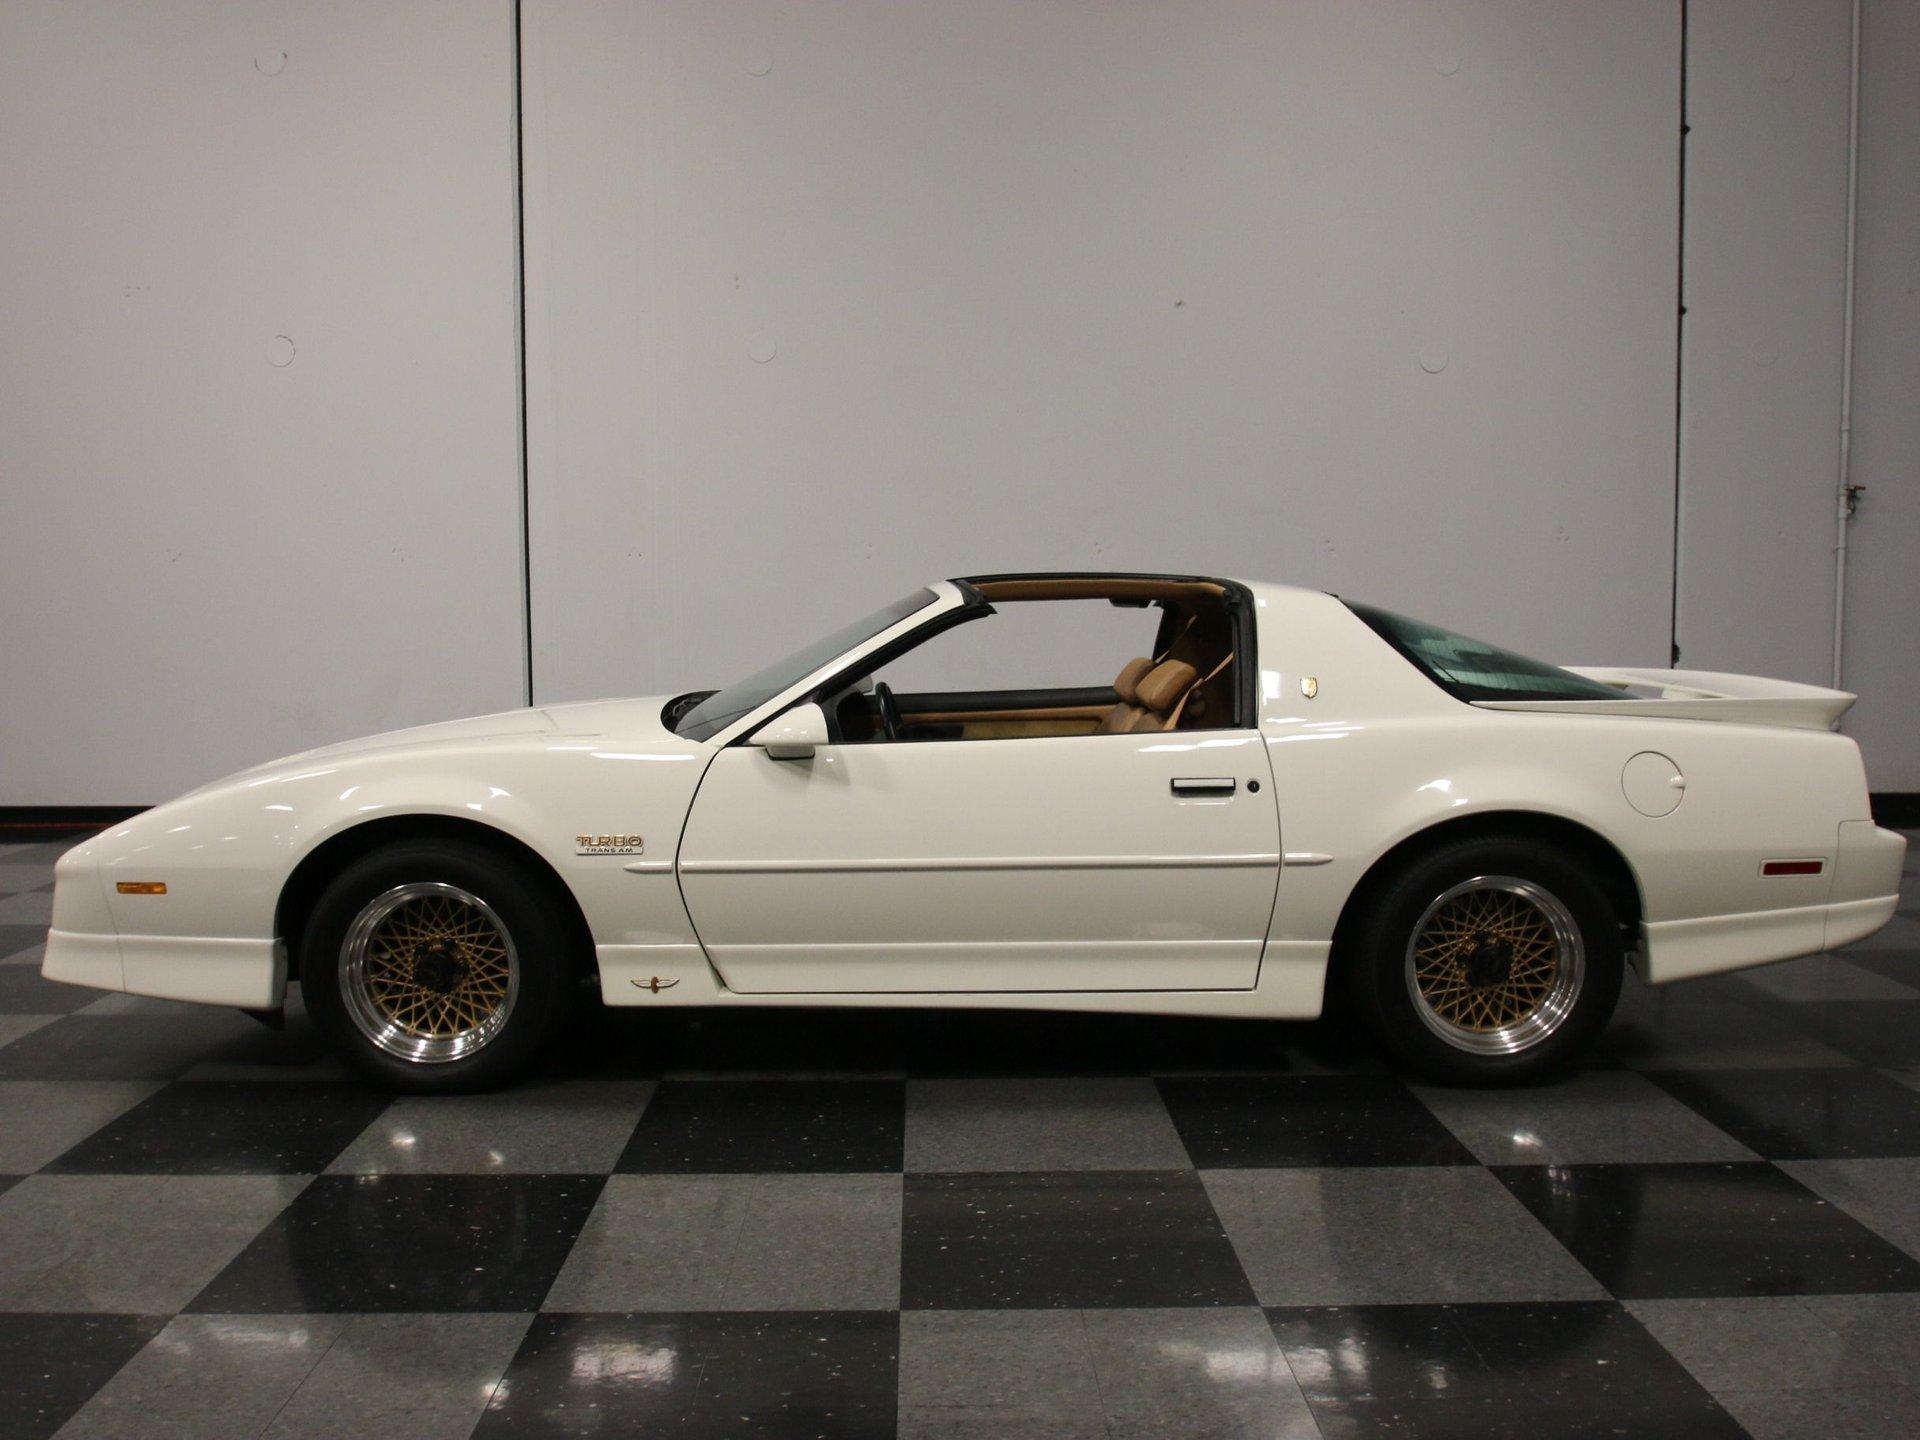 1989 pontiac firebird trans am pace car